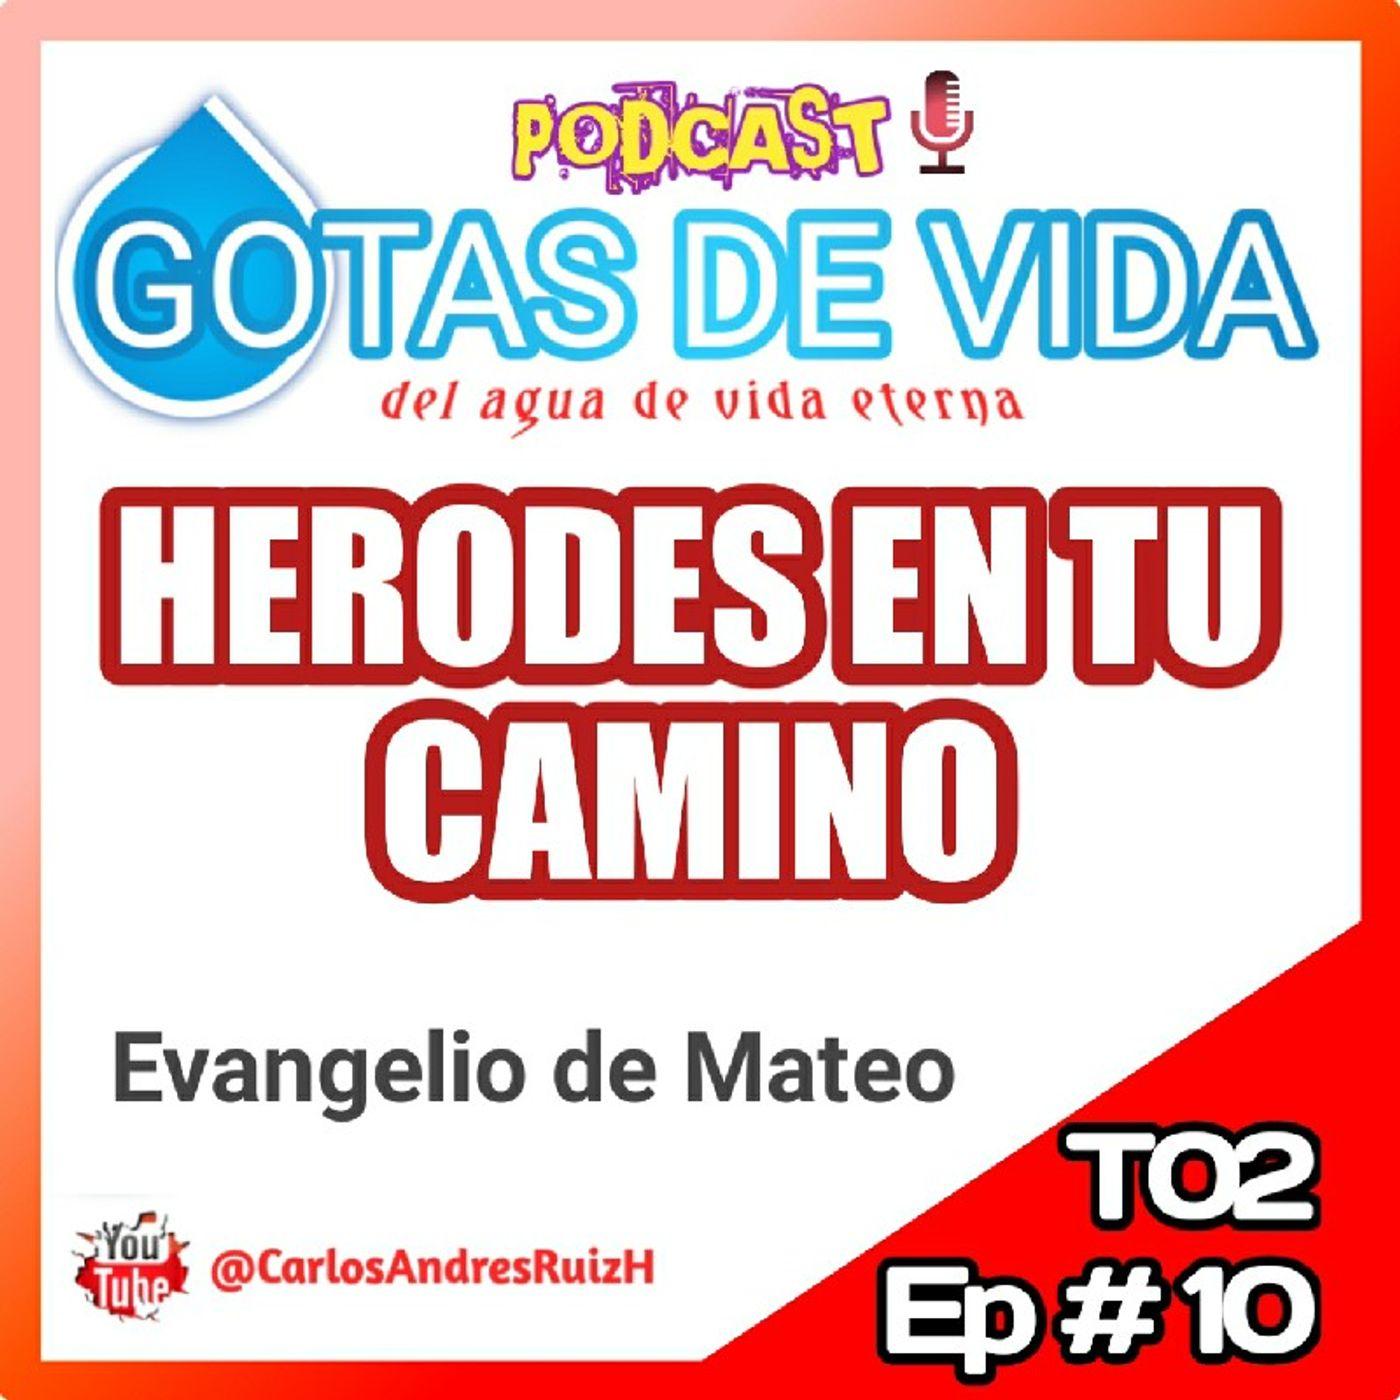 T02 Ep 10 - Herodes en tu camino